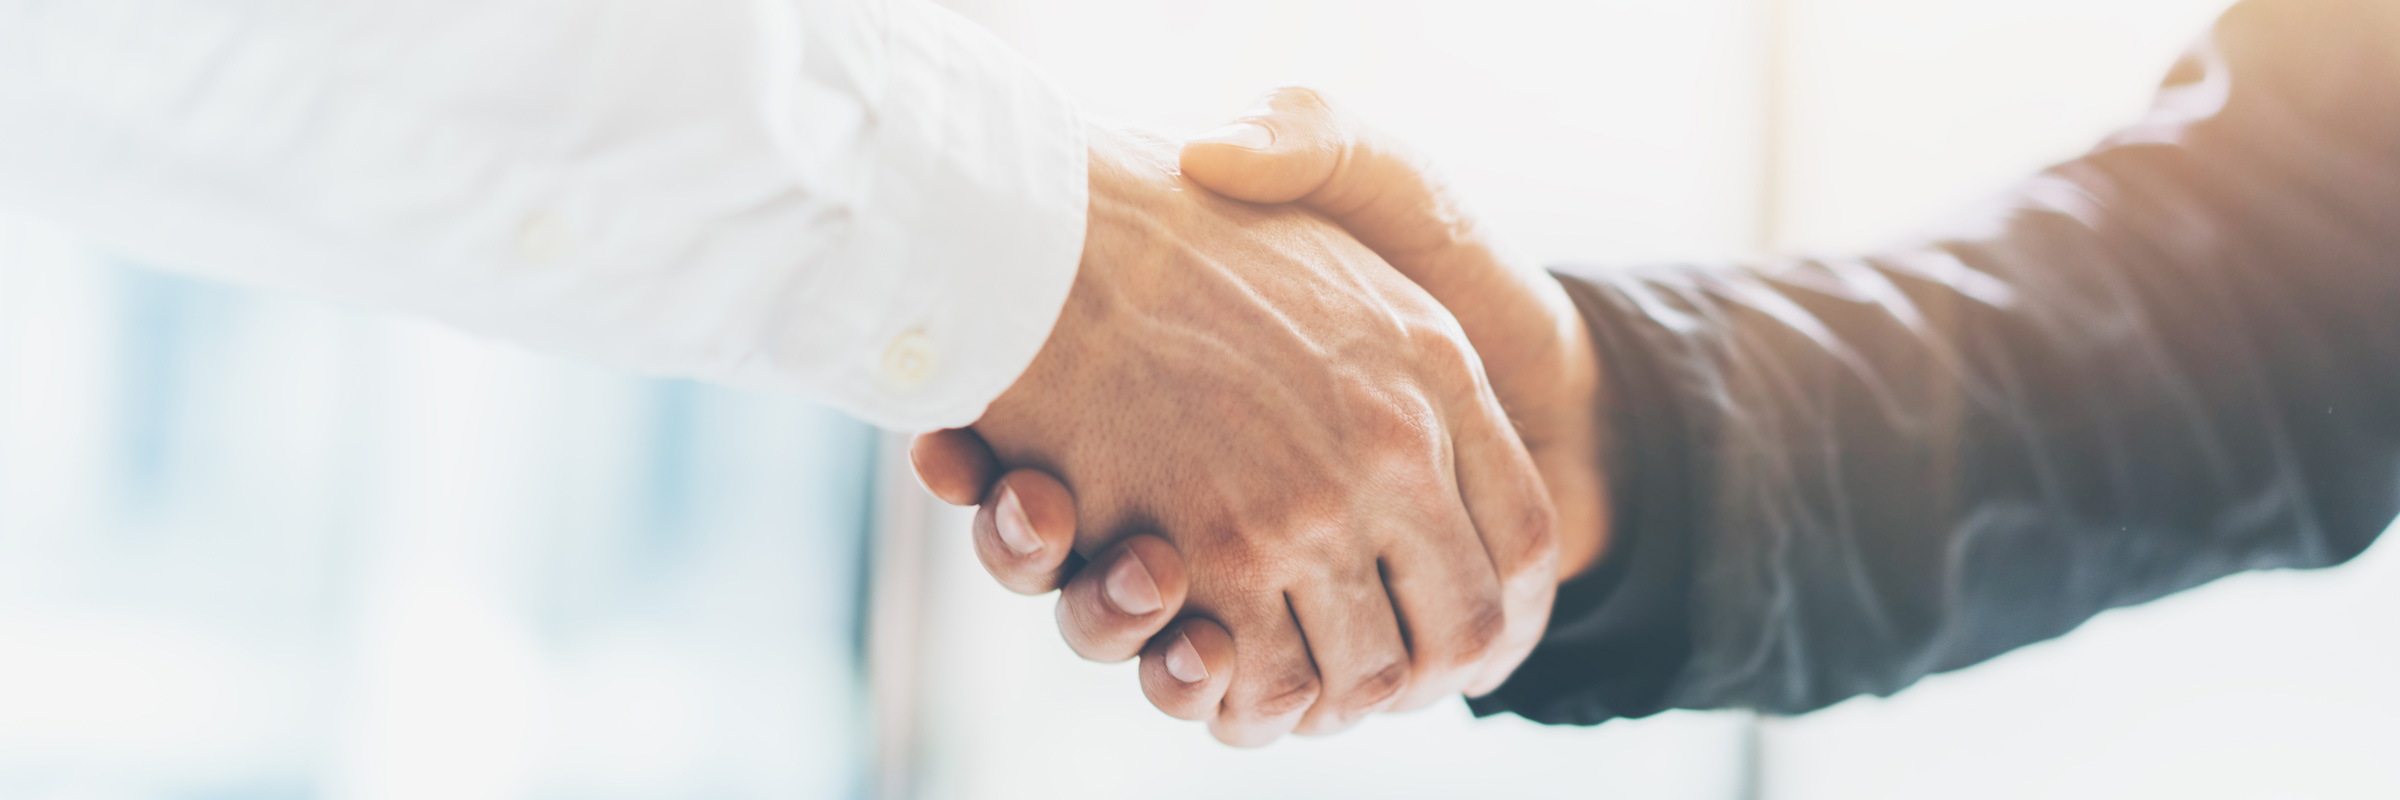 Karriere Hoffman Firmengruppe - Partner für Dach, Fassade, Haustechnik, Sanierung